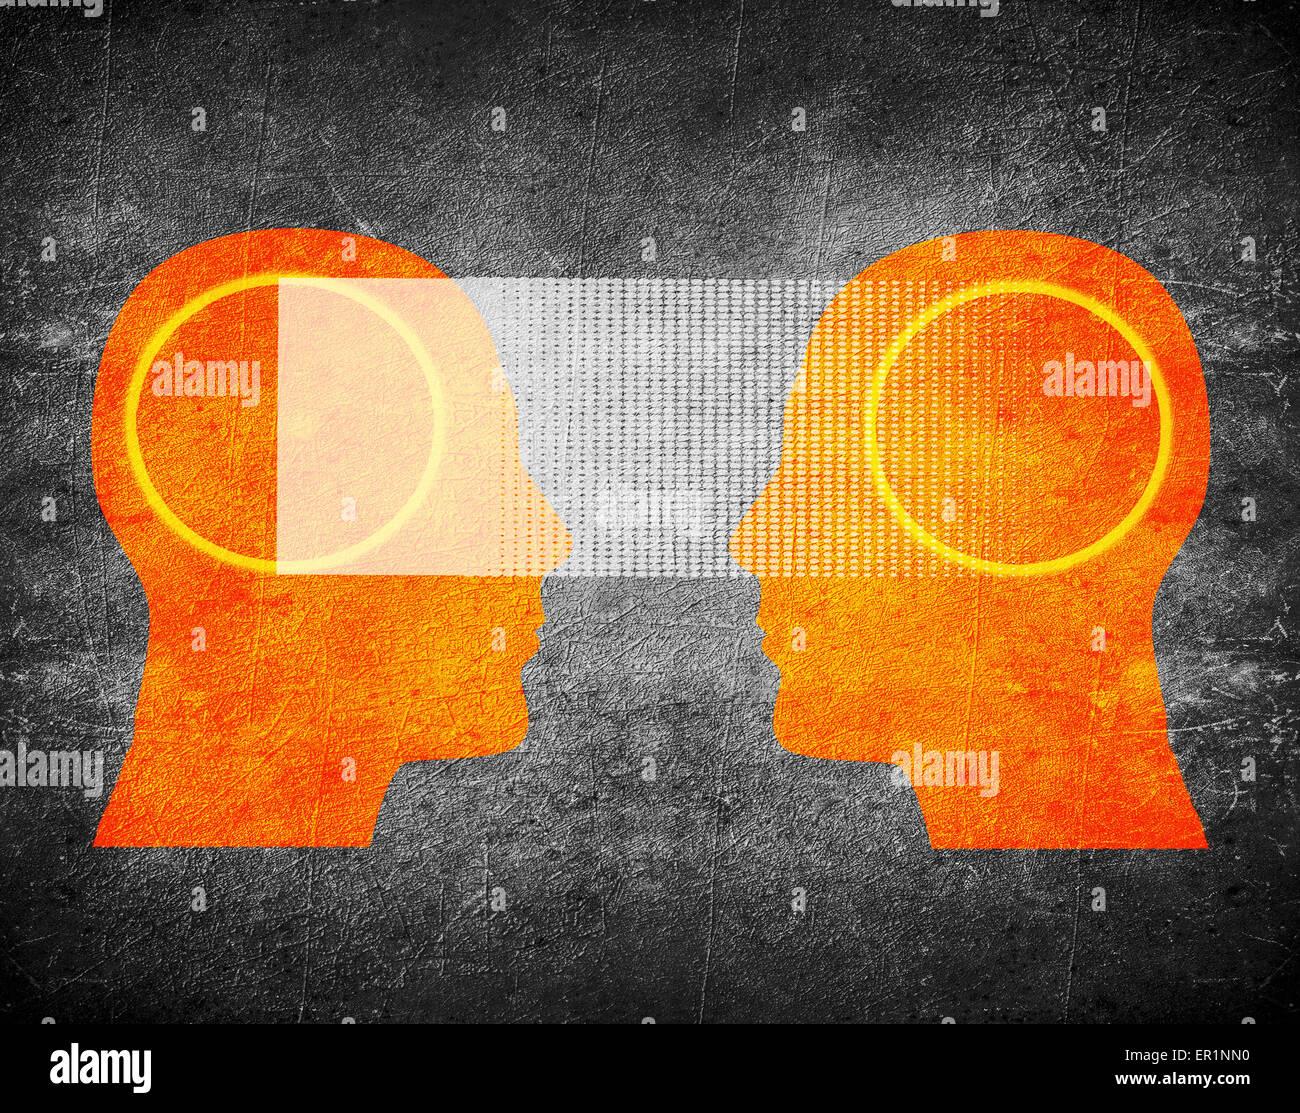 Telepatía concepto ilustración digital Foto de stock